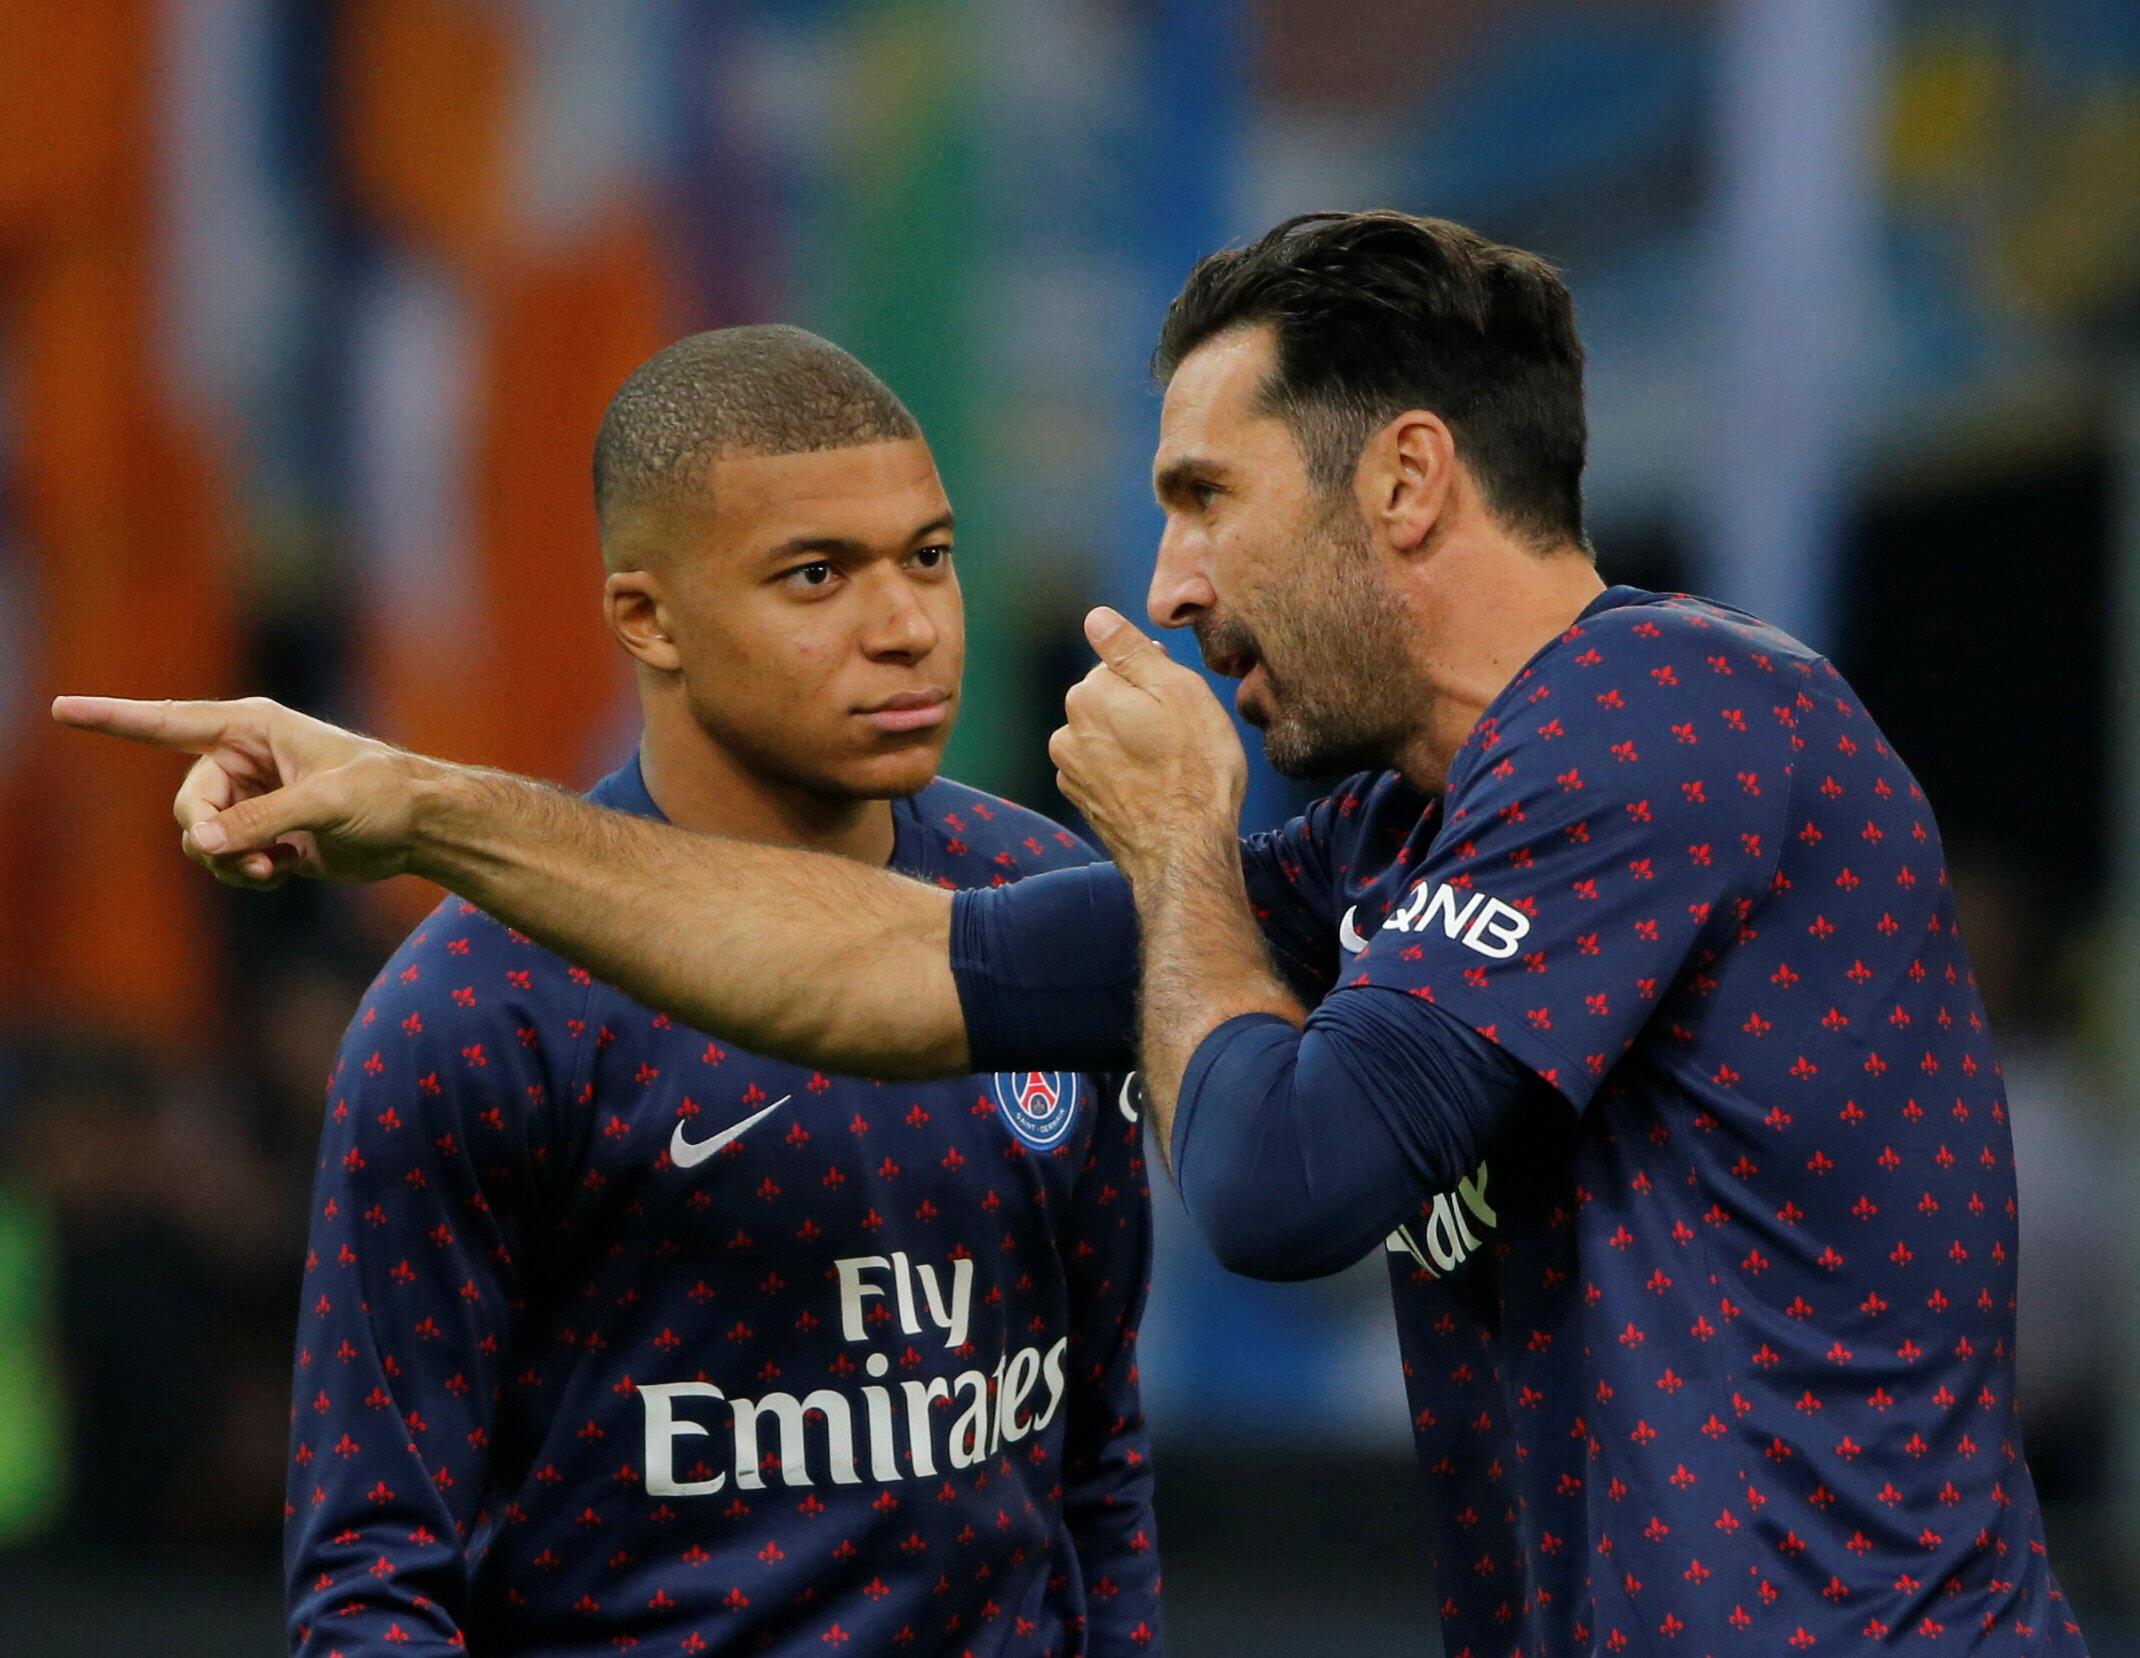 Kylian Mbappé discute avec Gianluigi Buffon avant le coup d'envoi du match OM-PSG, le 28 octobre 2018.